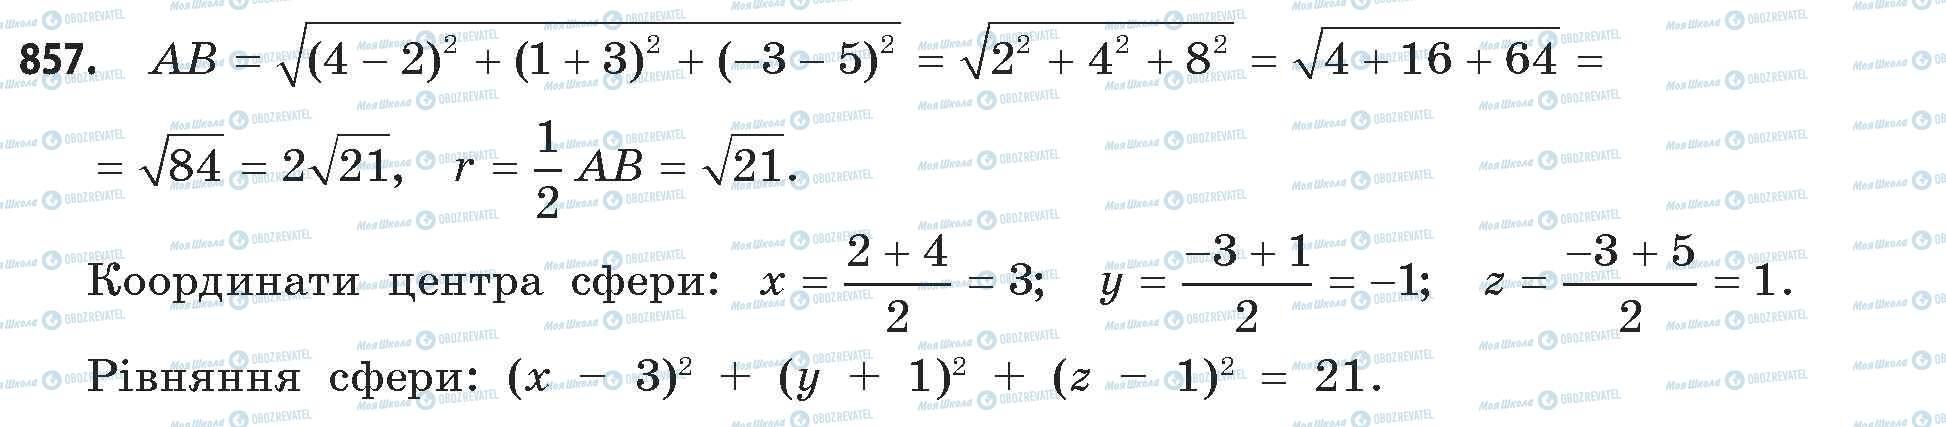 ГДЗ Математика 11 класс страница 857